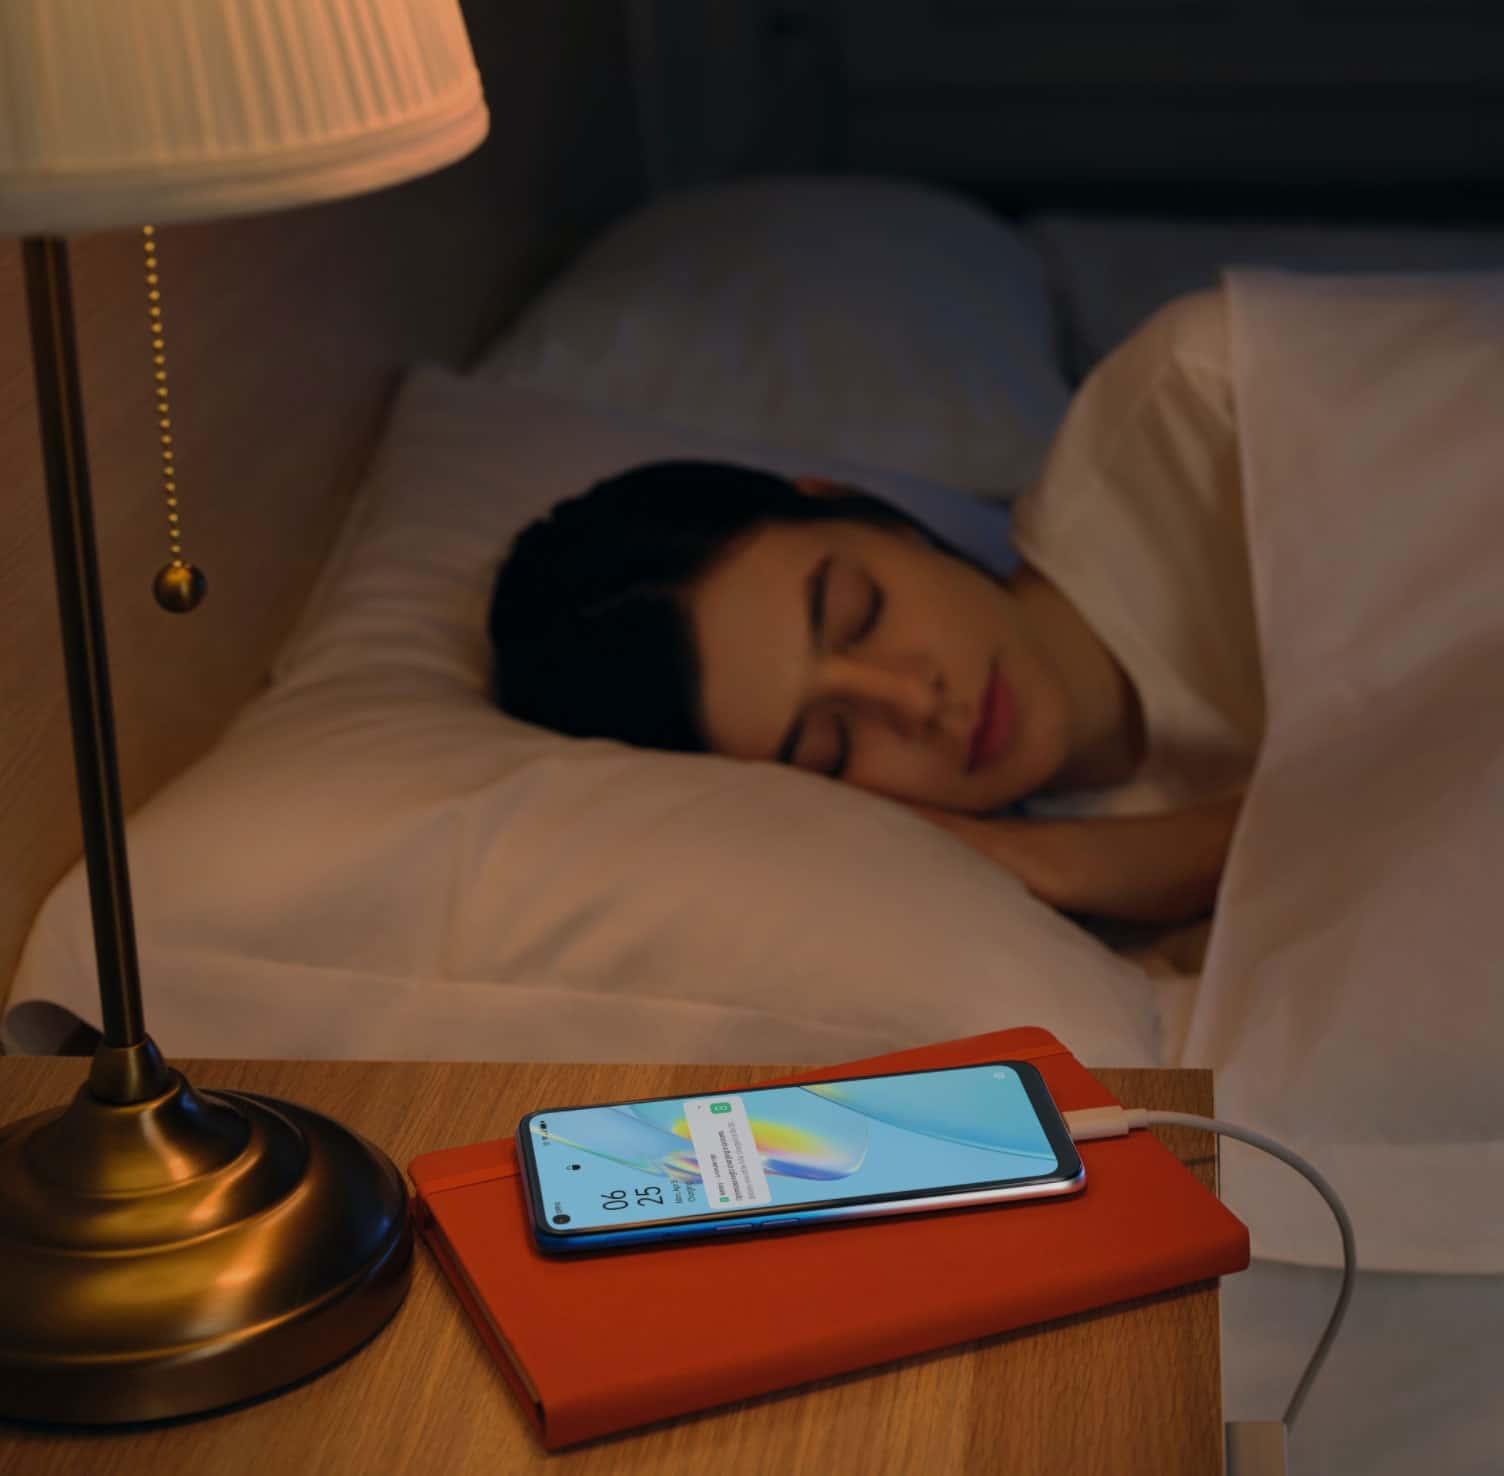 La empresa de celulares y tecnología OPPO presenta su nuevo portafolio de productos en Colombia 4